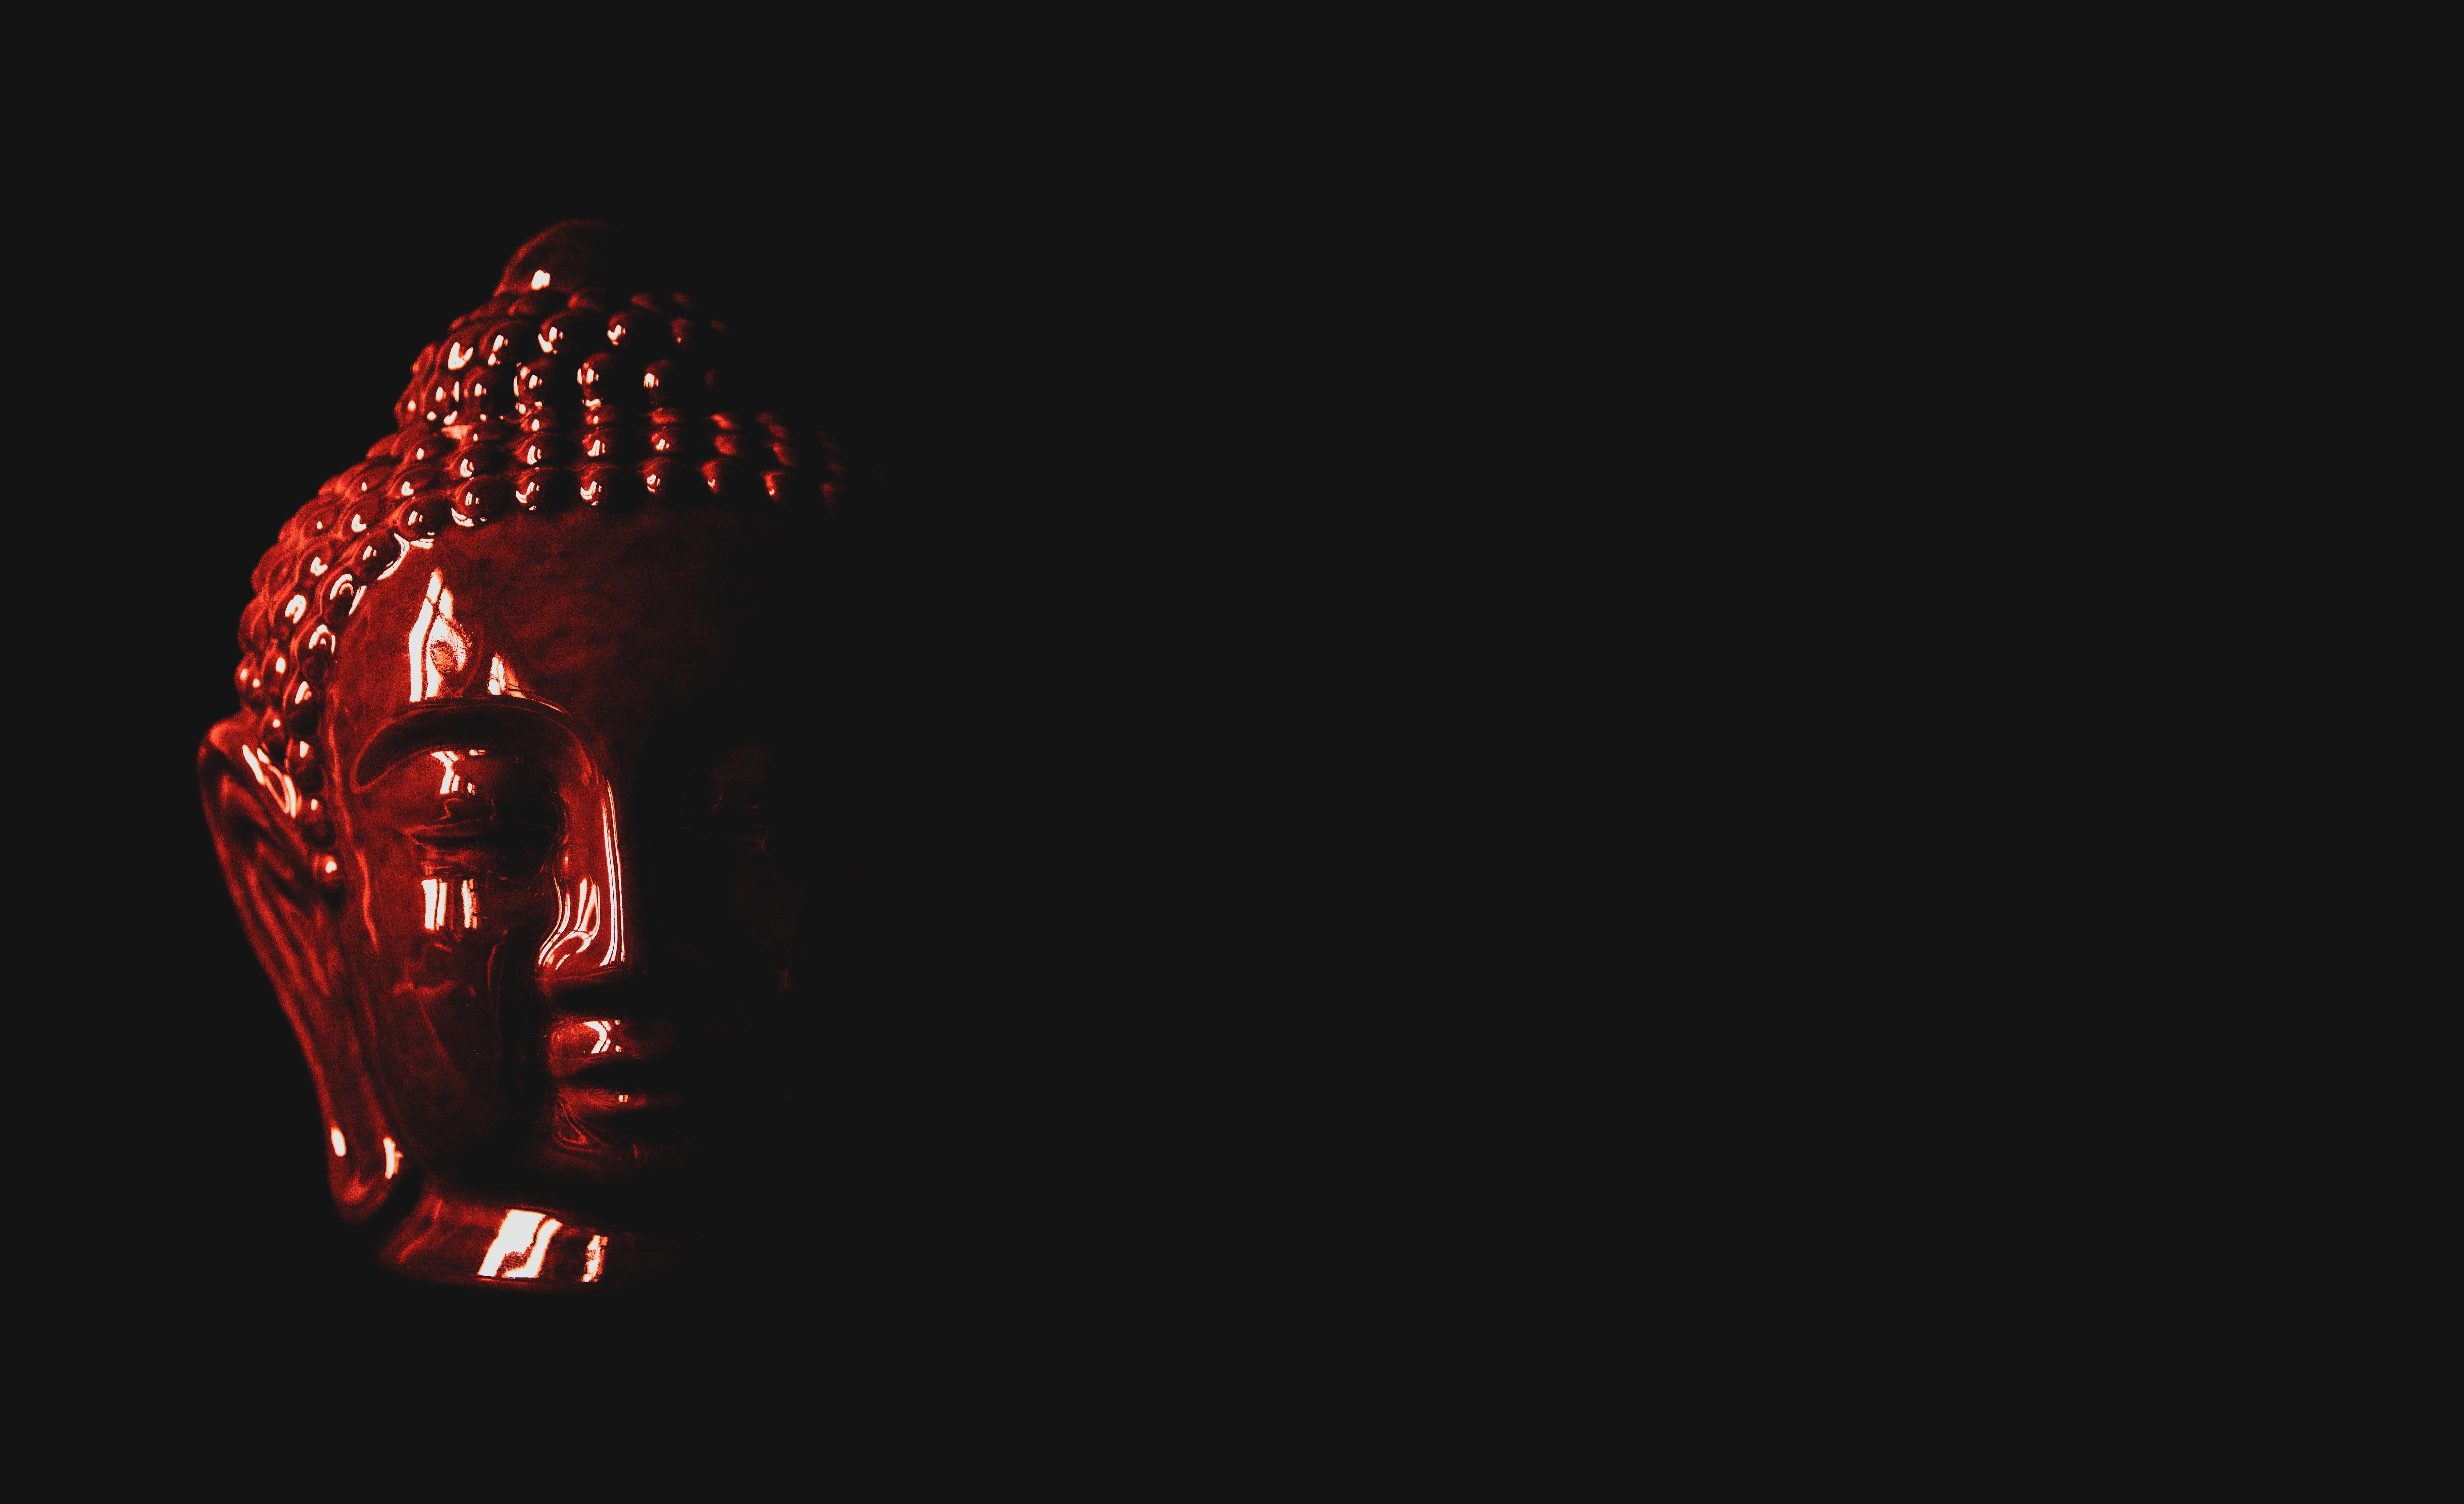 110534 скачать обои Черный, Будда, Темные, Красный, Темный, Статуэтка, Голова - заставки и картинки бесплатно